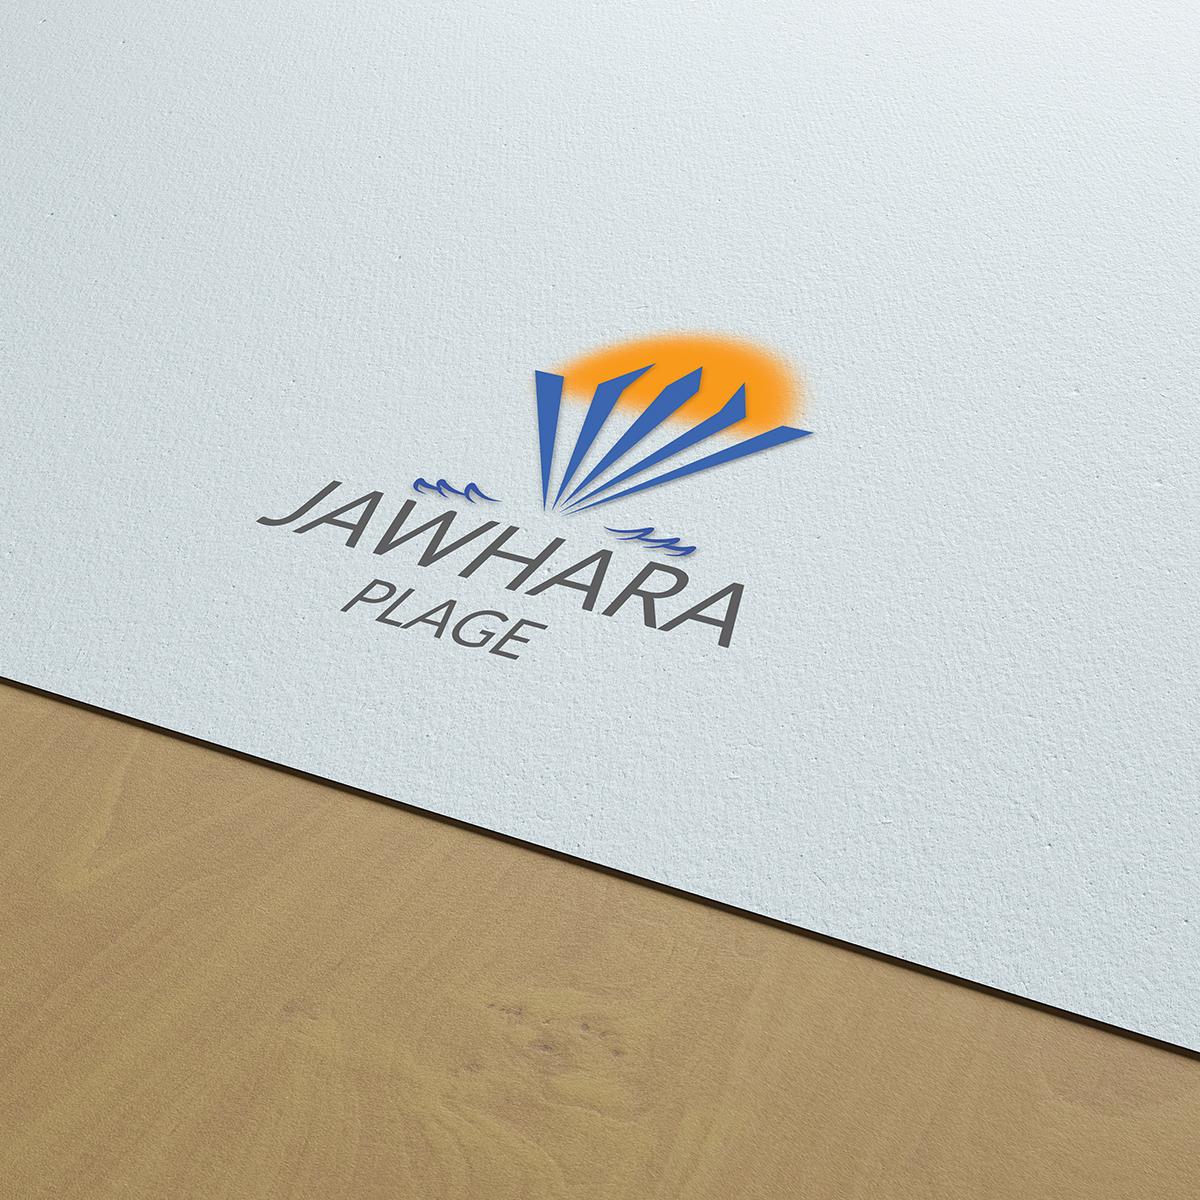 JAWHARA